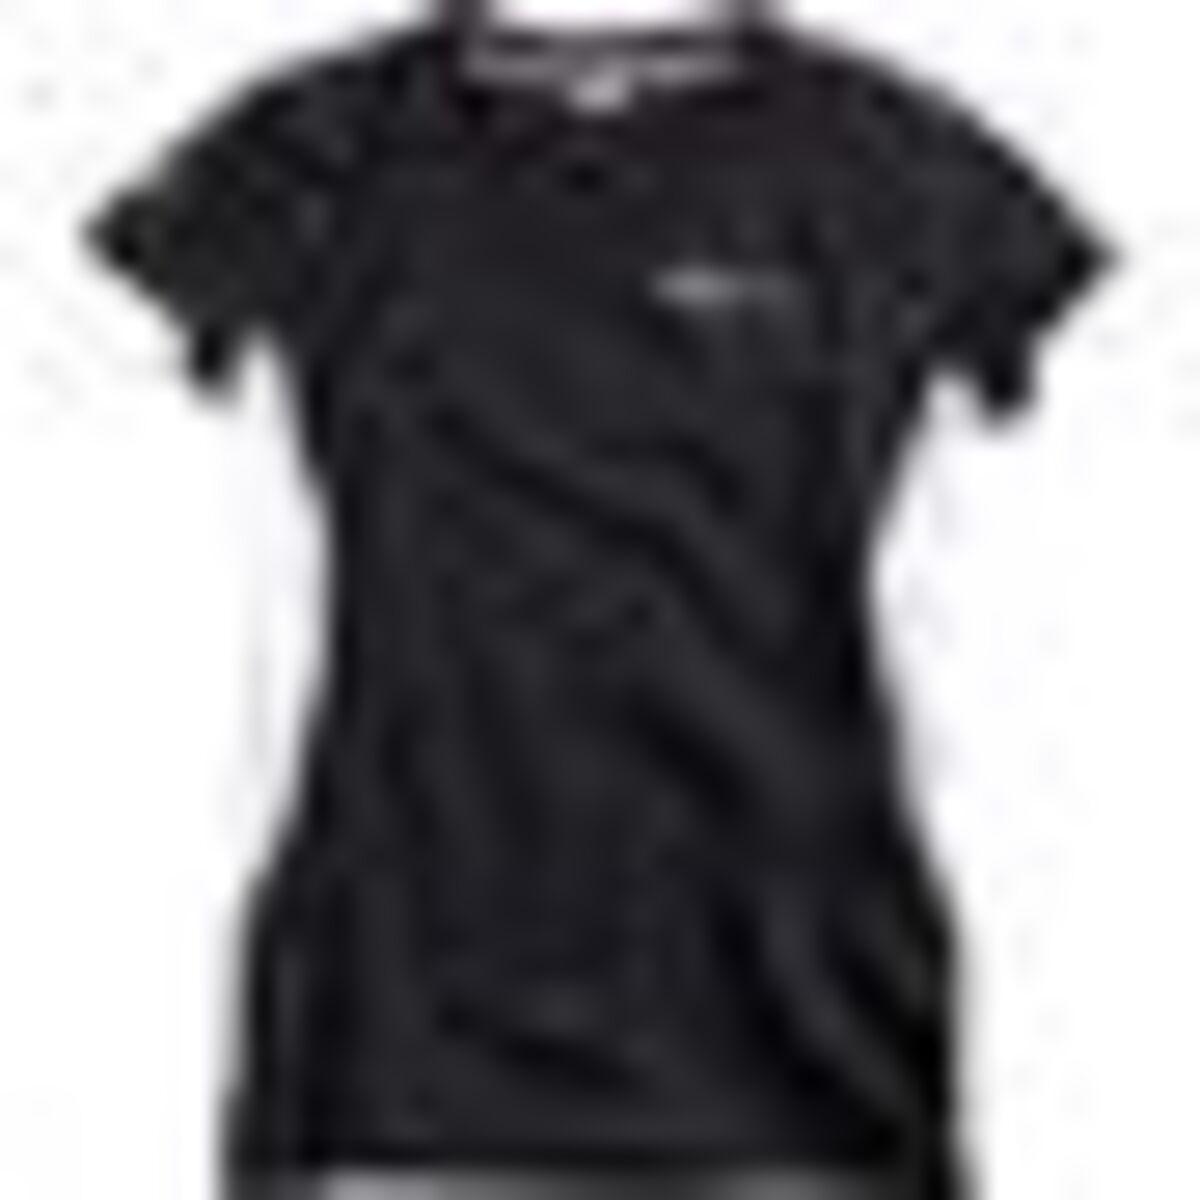 Bild 3 von FLM            Sports Damen T-Shirt 1.0 schwarz